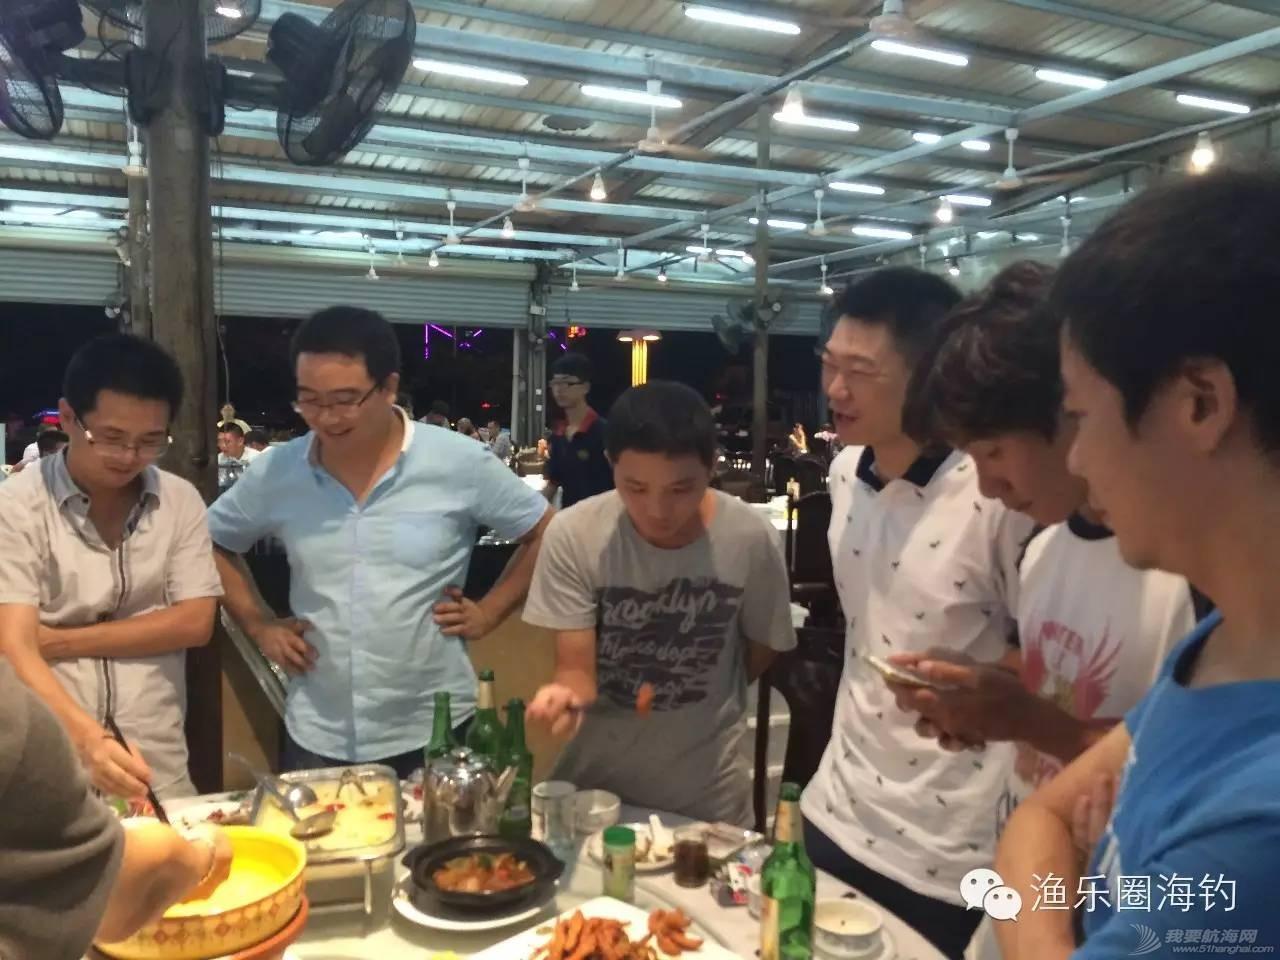 【有人@你】渔乐圈聚会,一群男人竟然玩这个...w3.jpg